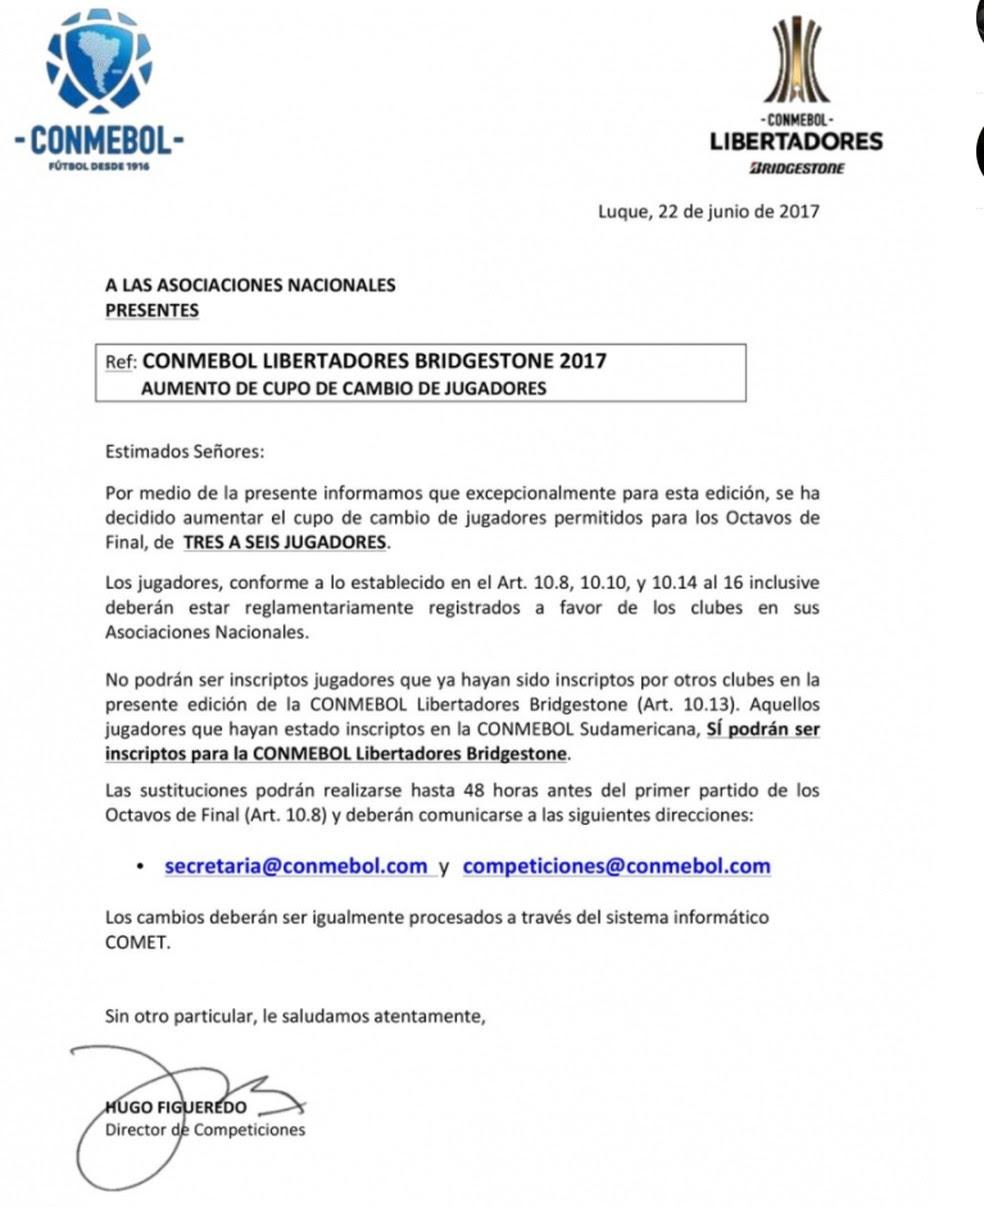 Comunicado da Conmebol anunciando mudanças no regulamento de inscrição de atletas (Foto: Reprodução)